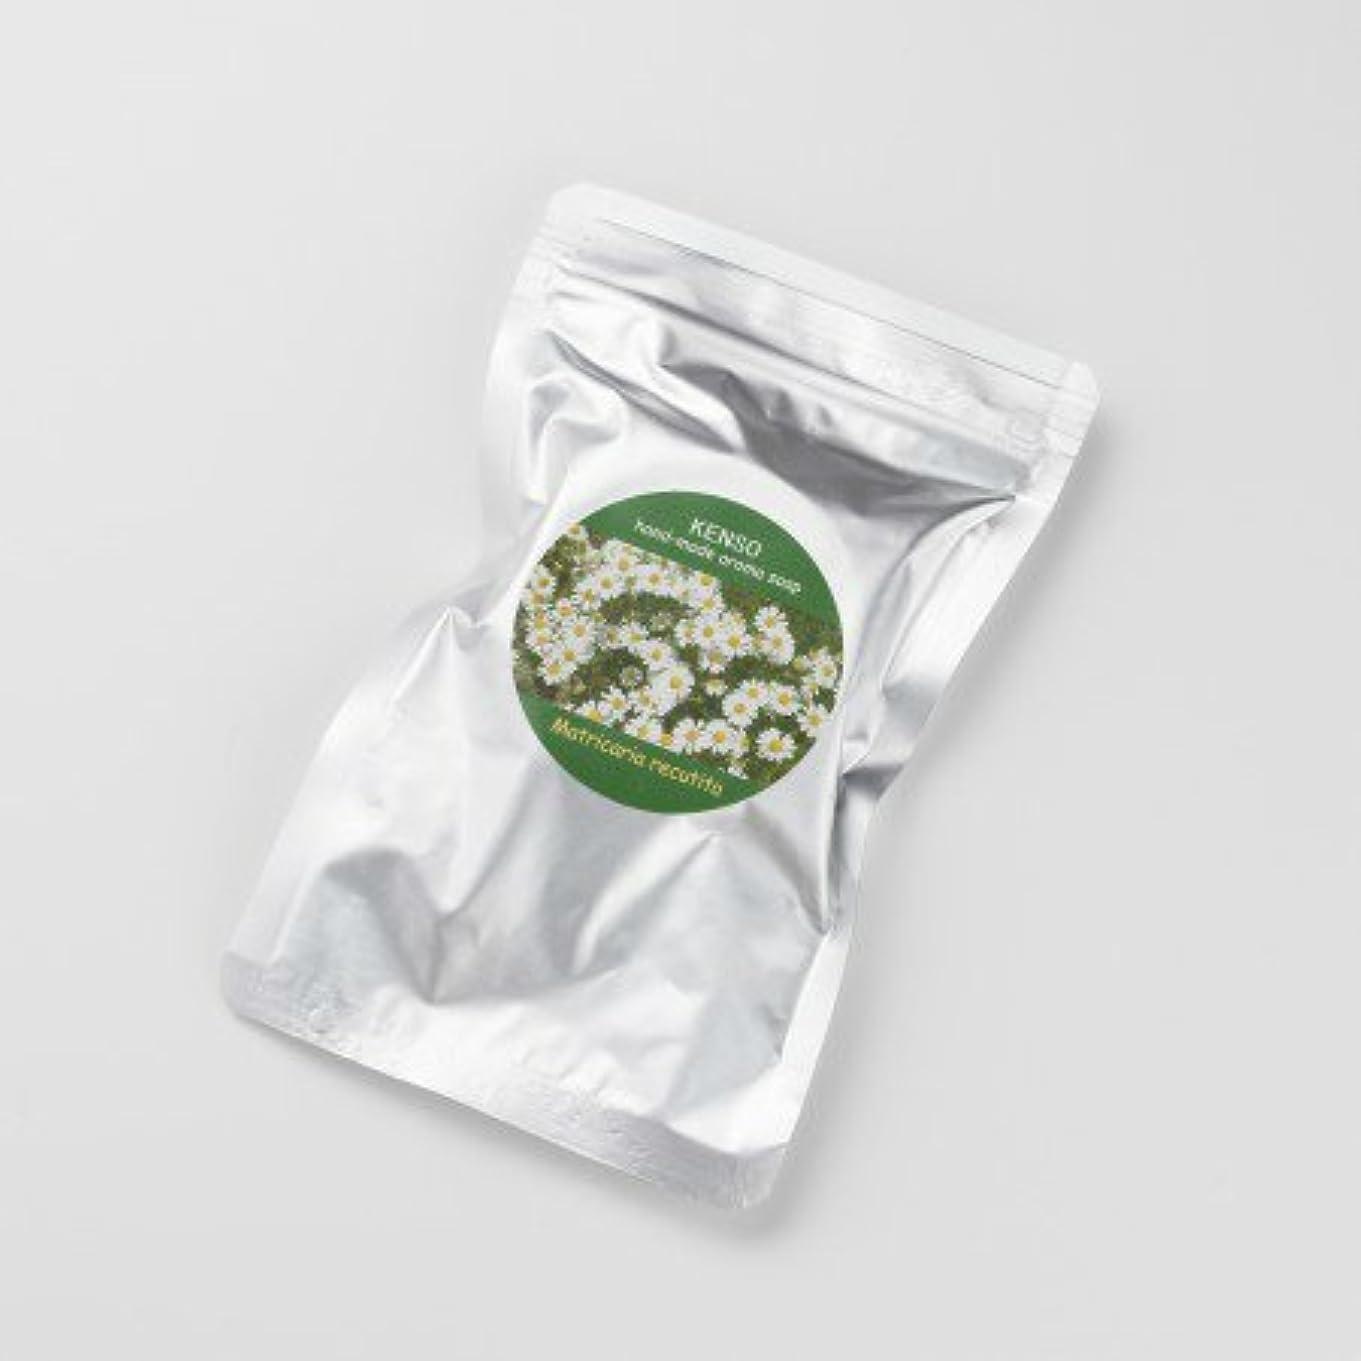 クランプ異邦人ゴミ箱ケンソー カモマイル ソープ 50g (KENSO アロマグリセリンソープ)